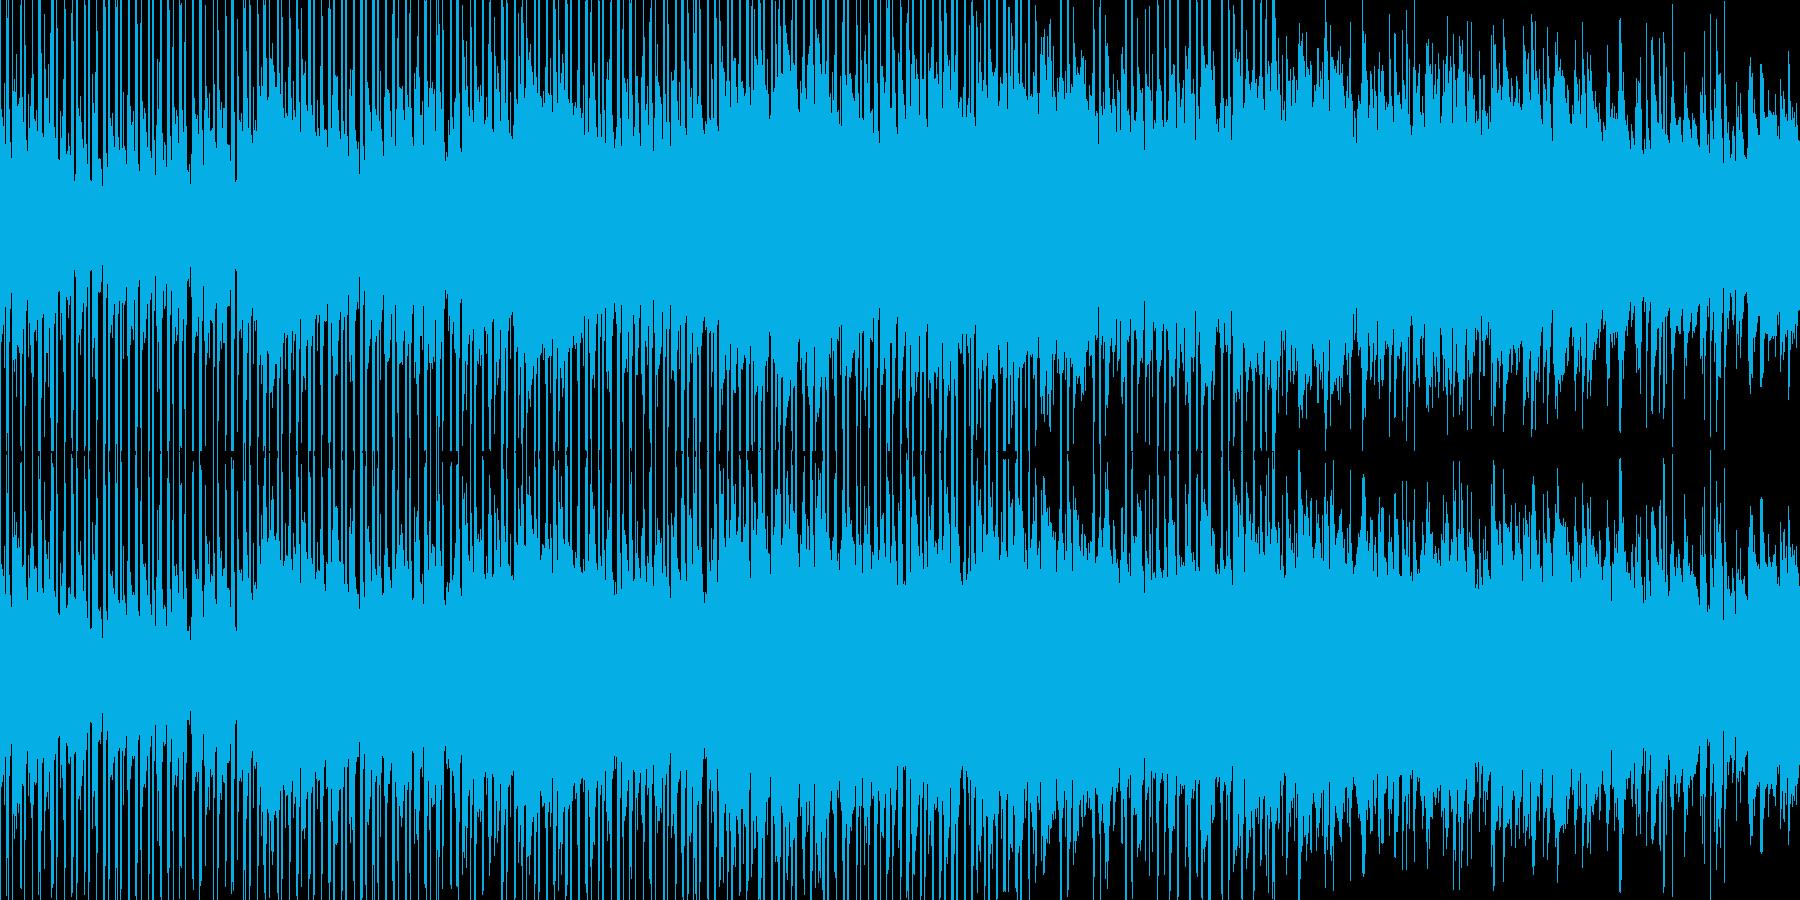 綺麗で感動的なクリーンBGM_LOOPの再生済みの波形